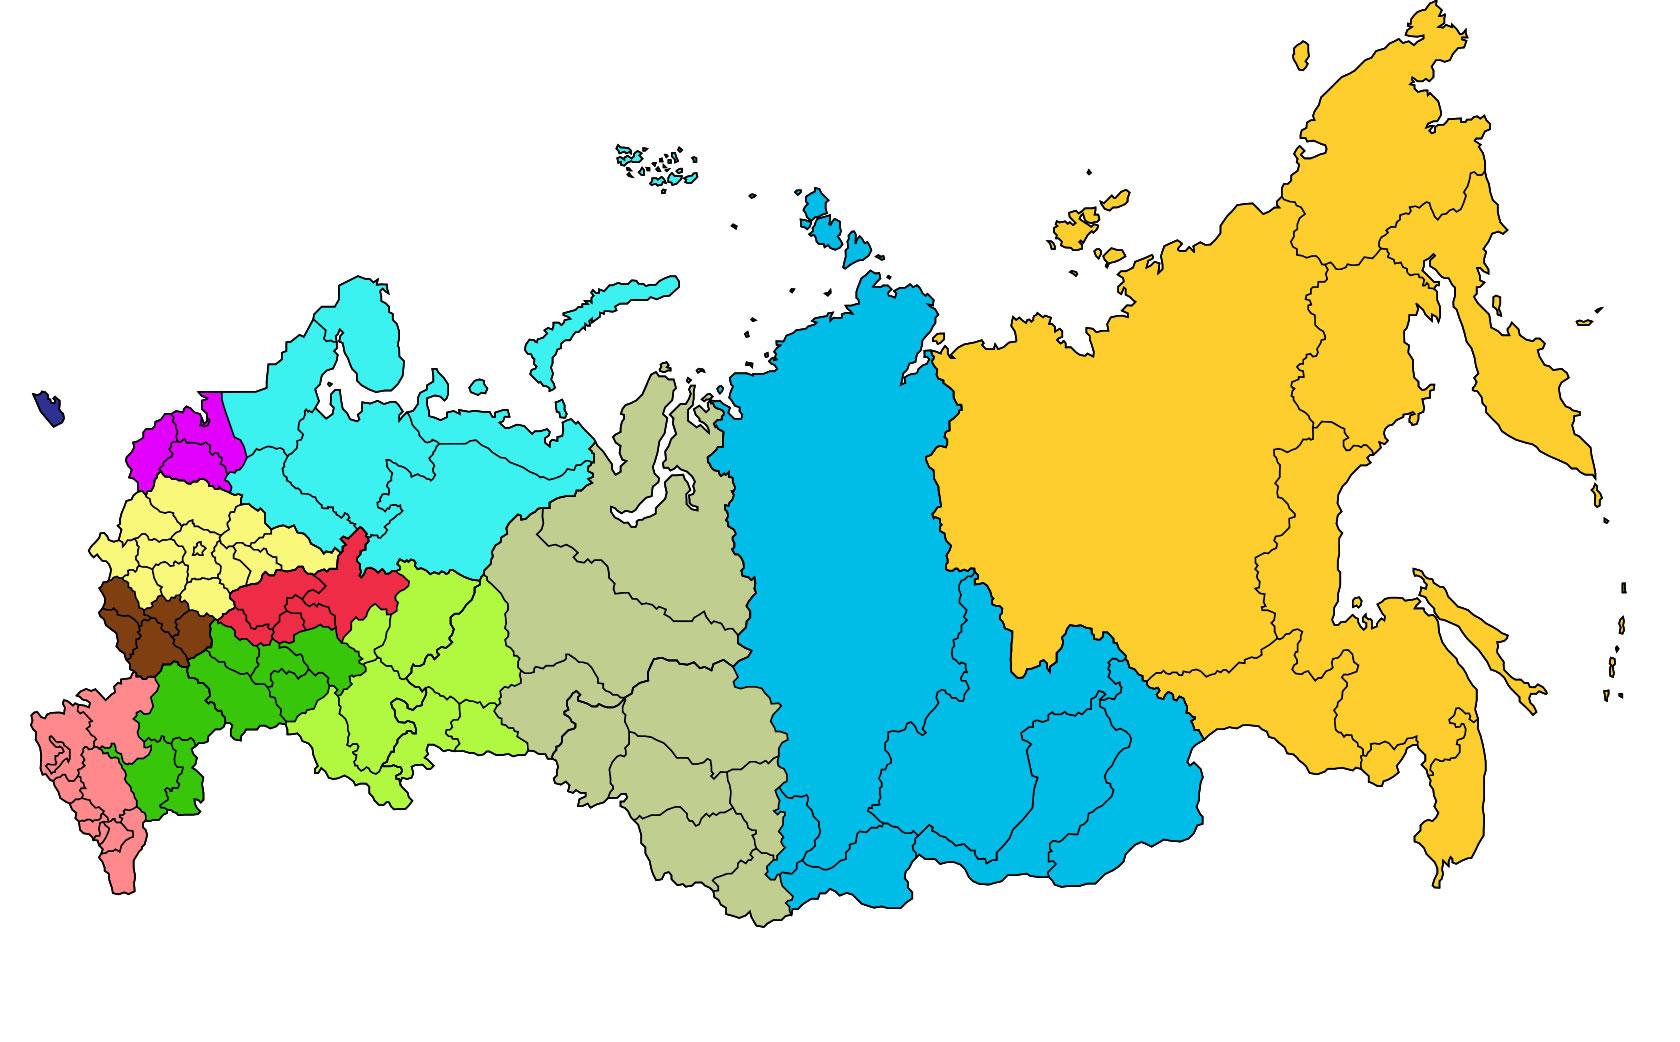 carte-des-continents-vierge-asie-en-couleur